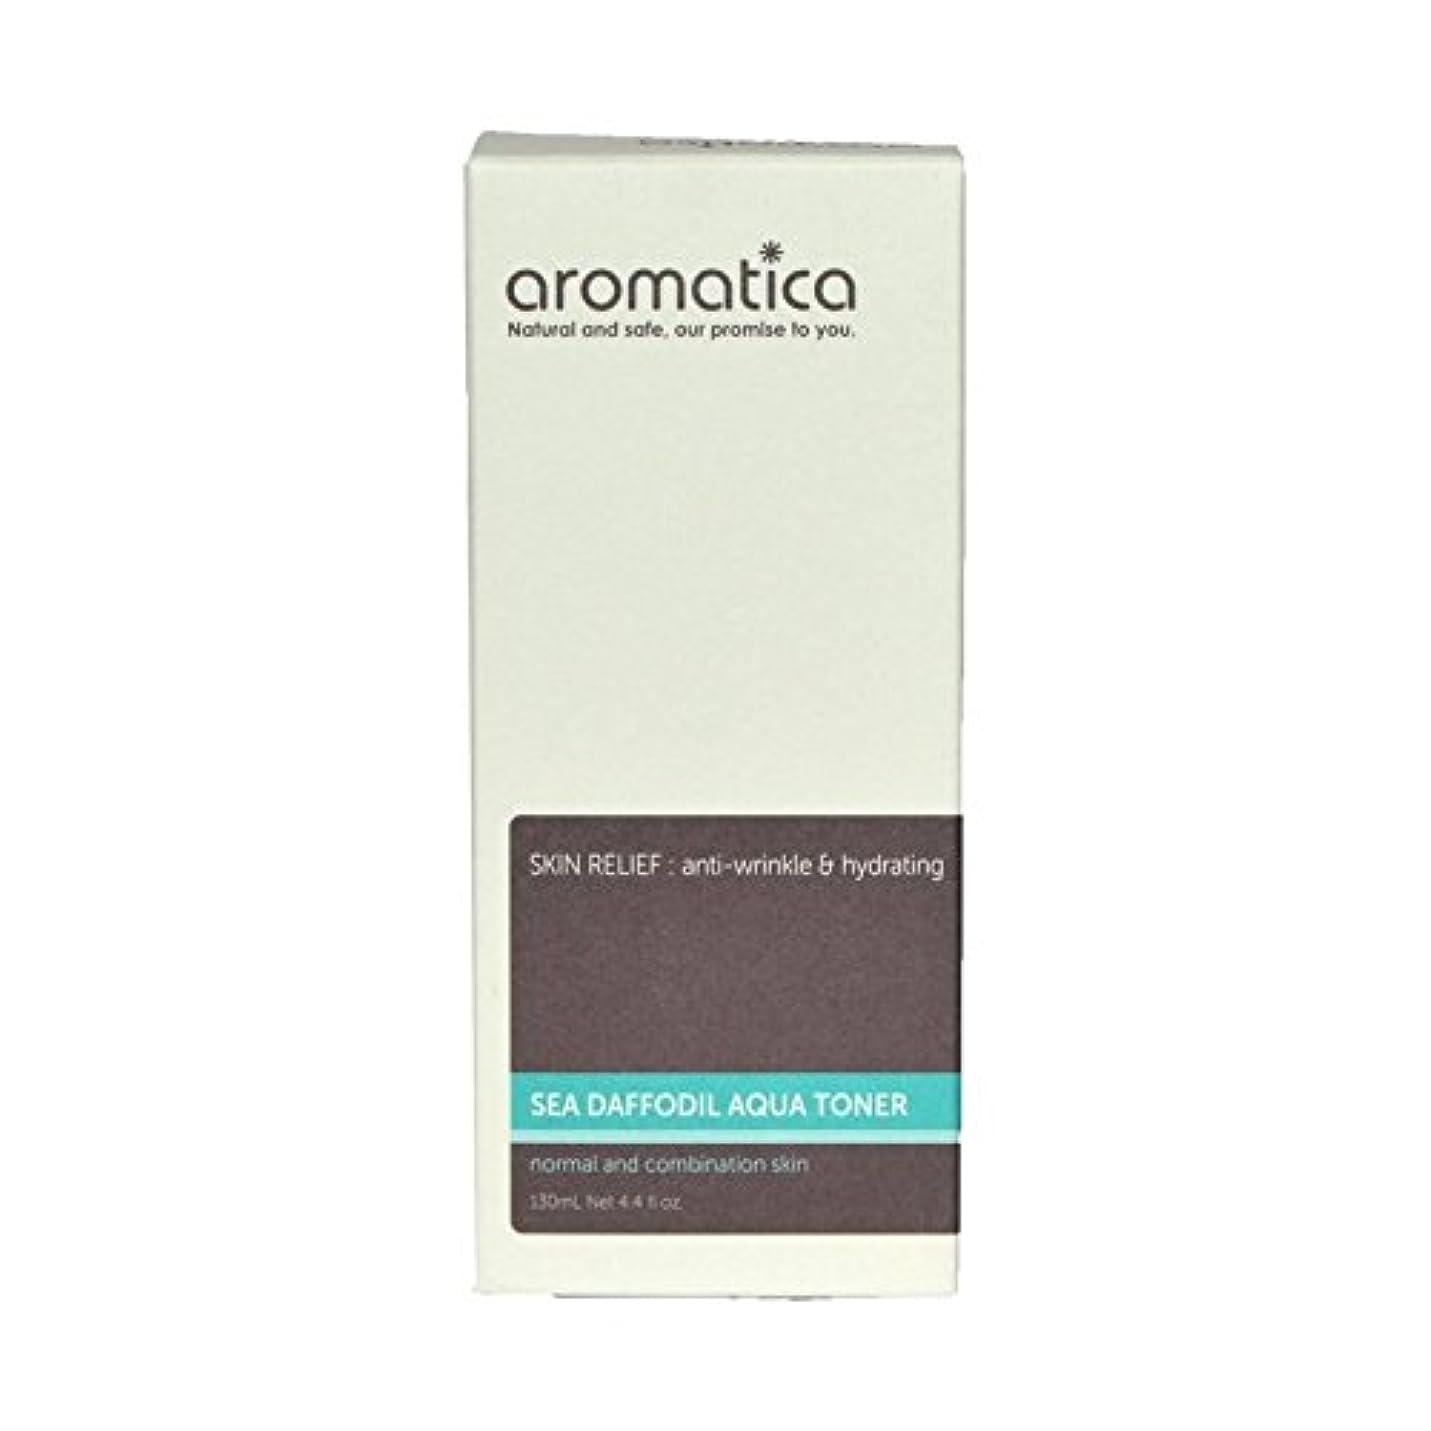 米国迷路むしゃむしゃ海スイセンアクアトナー130ミリリットル x2 - aromatica Sea Daffodil Aqua Toner 130ml (Pack of 2) [並行輸入品]